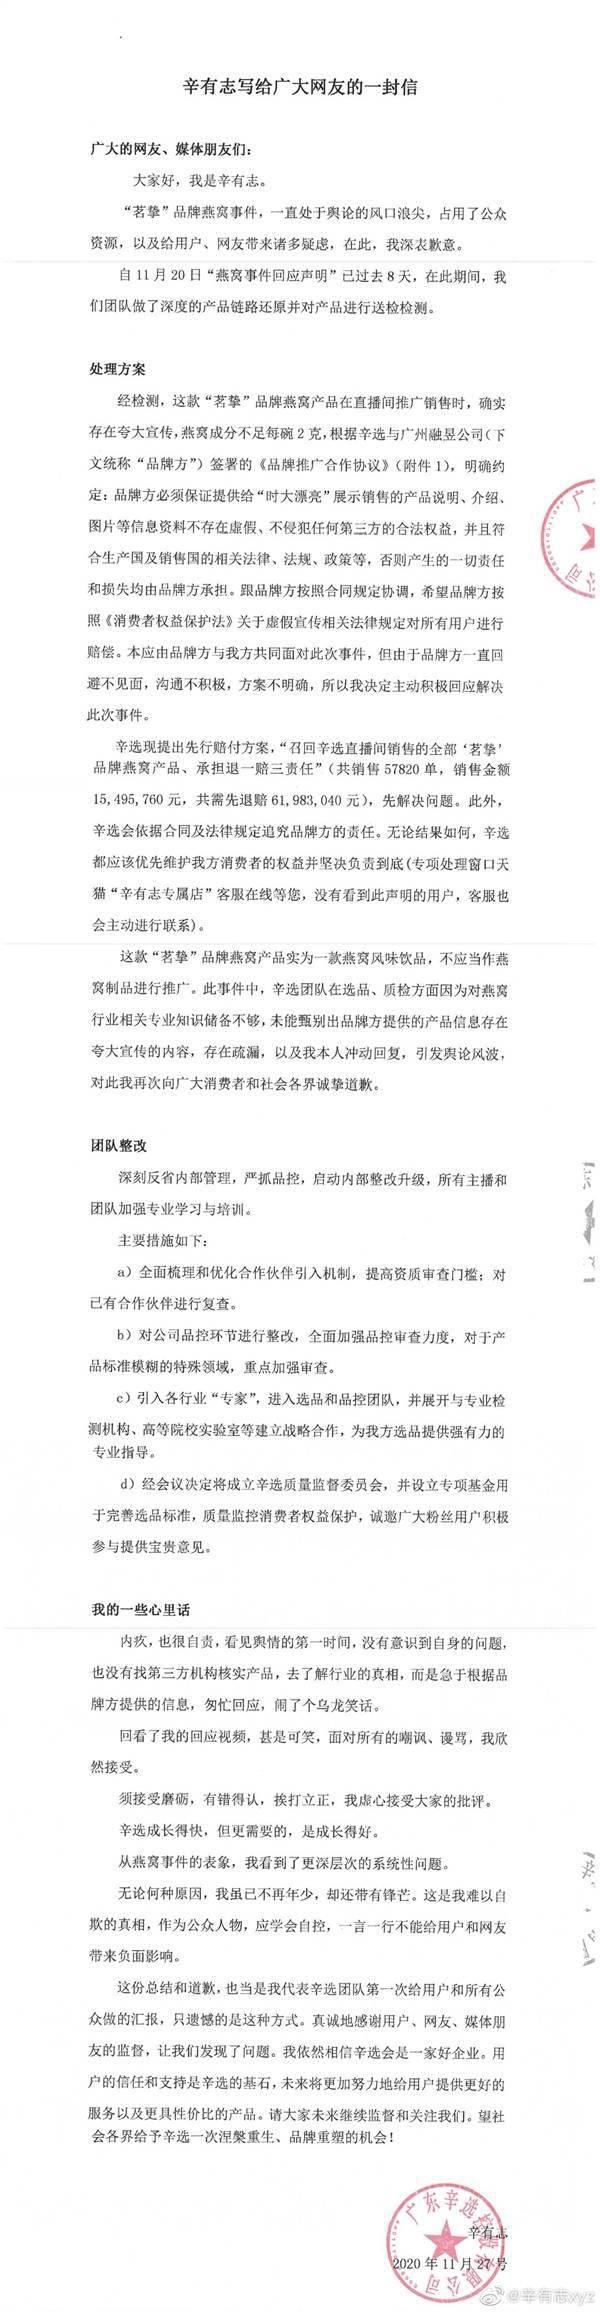 辛巴就燕窝事件道歉 王海:根本与燕窝7分钱关系都没有!的照片 - 3